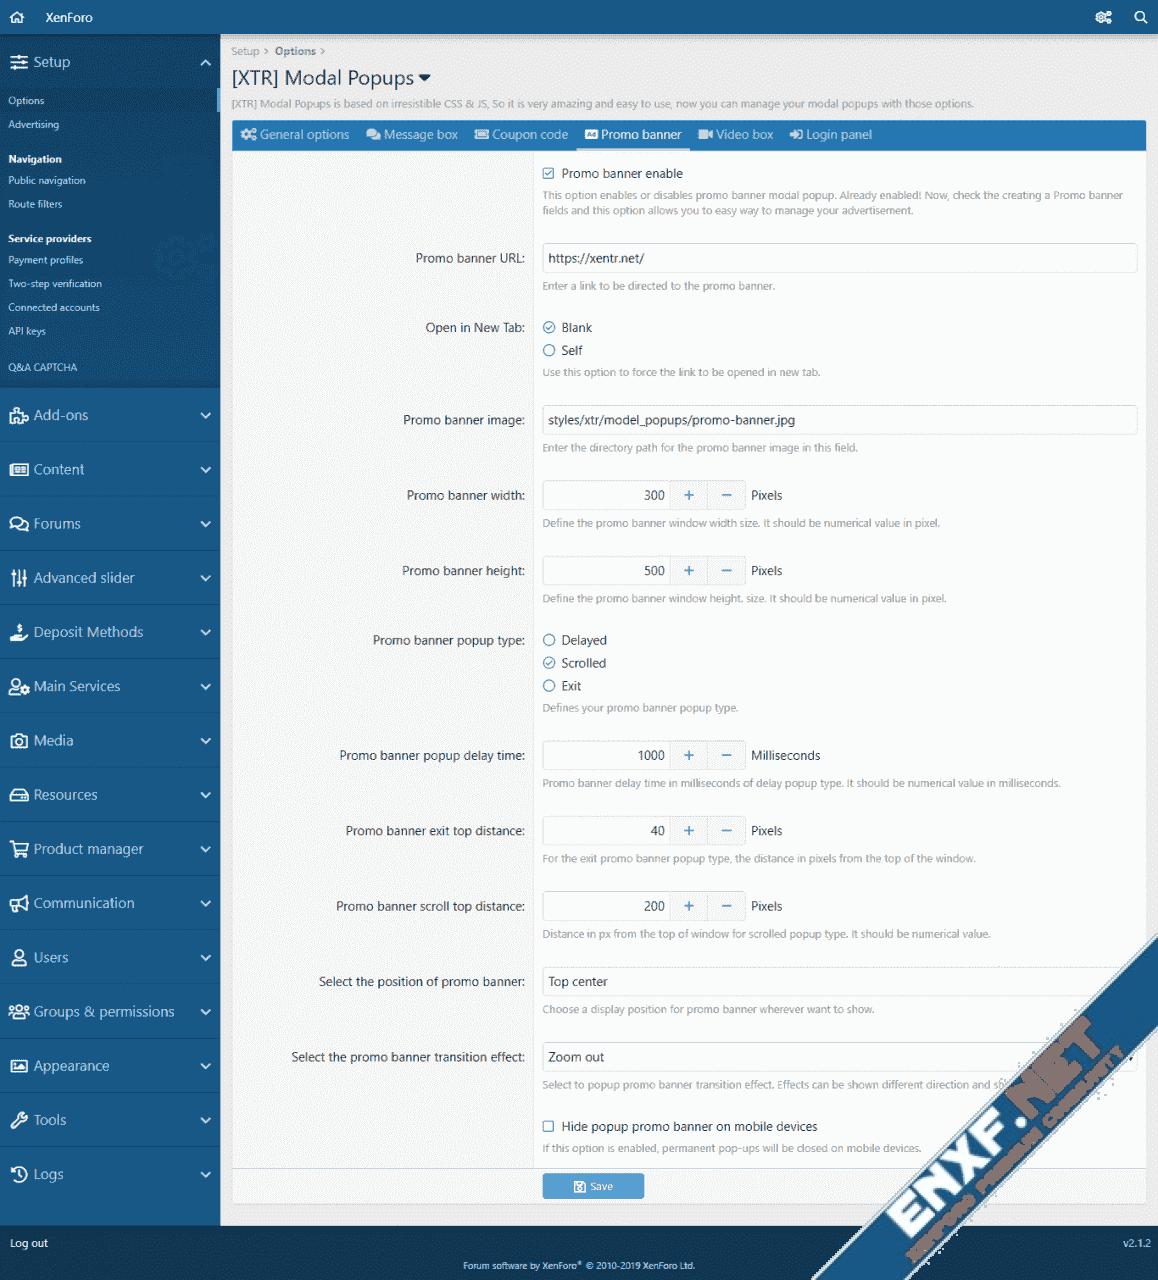 [XTR] Modal Popups